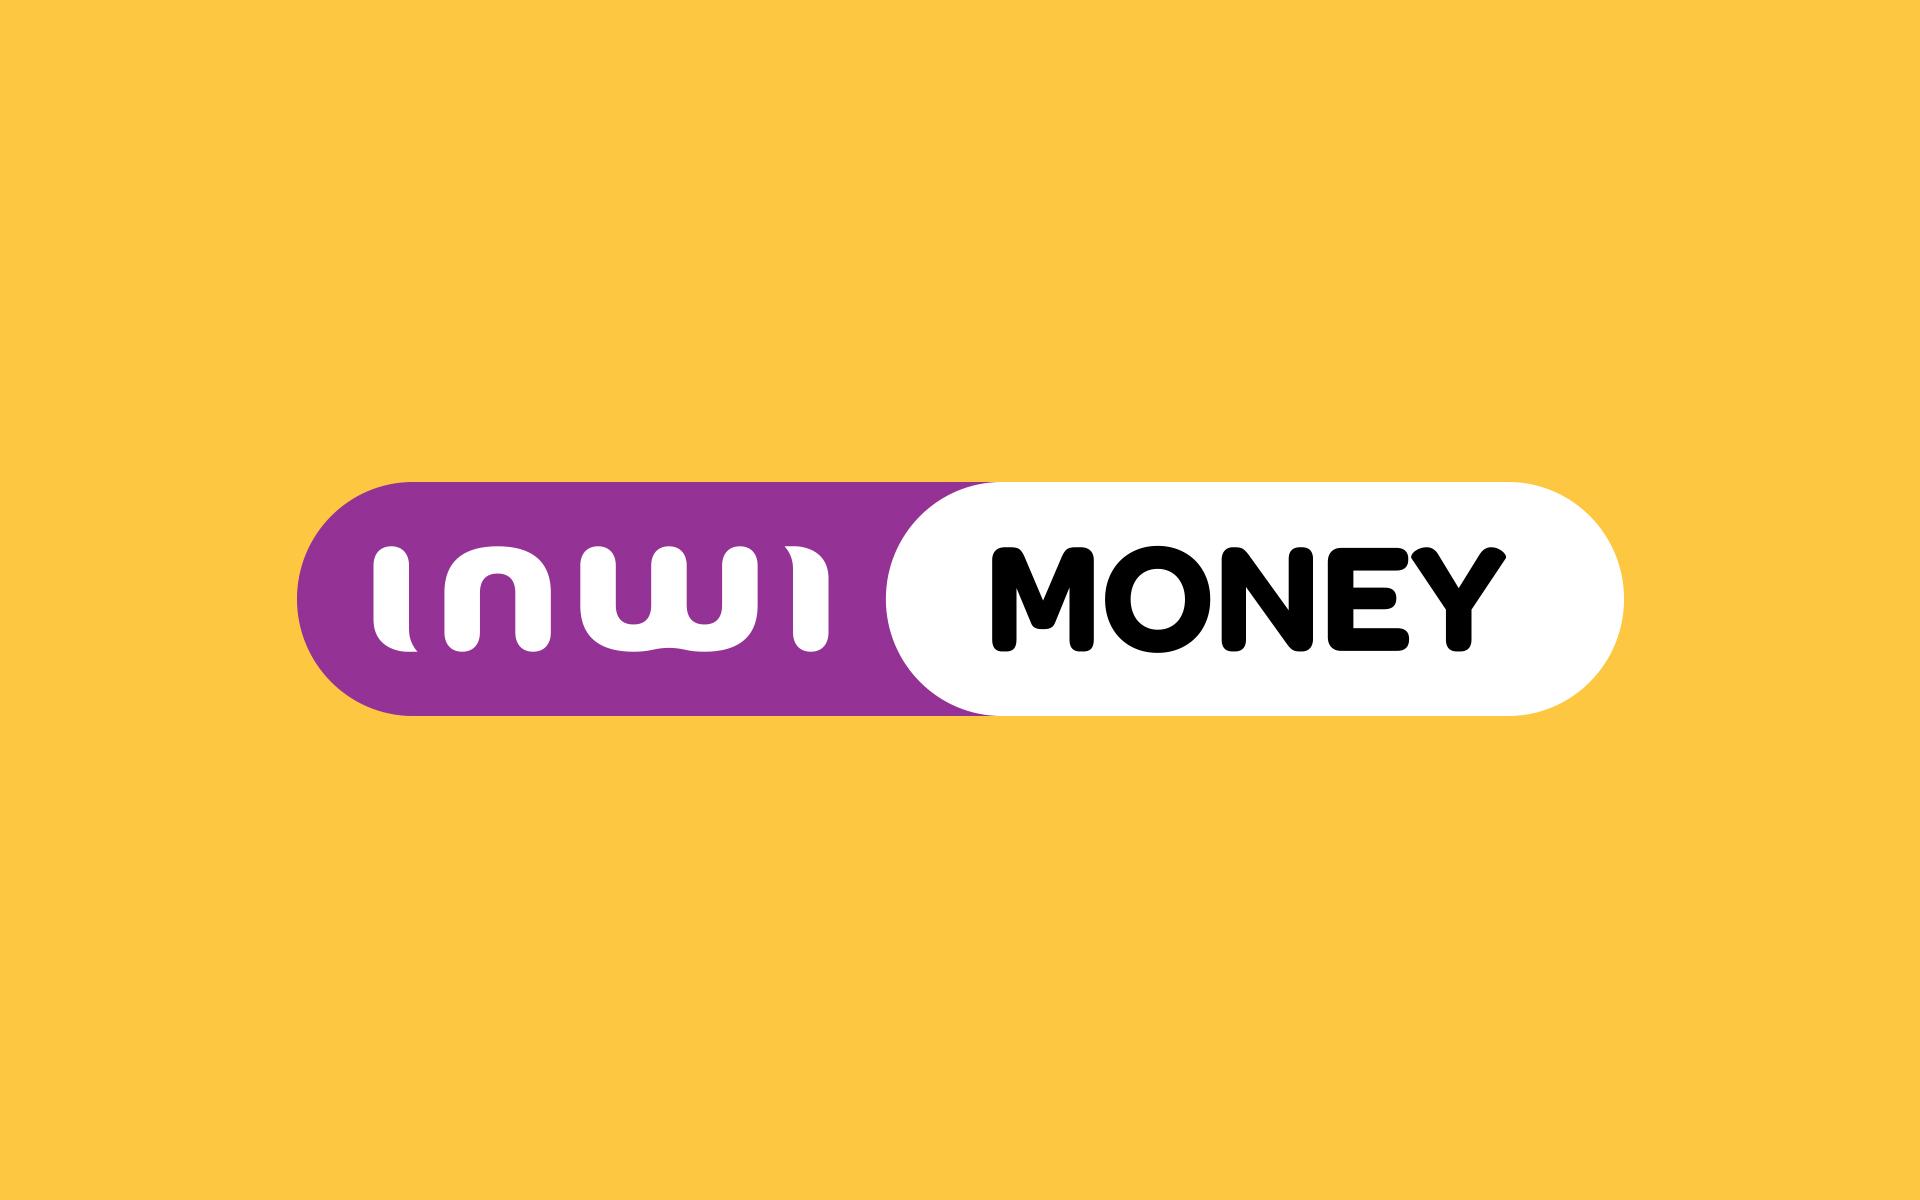 logo inwi money